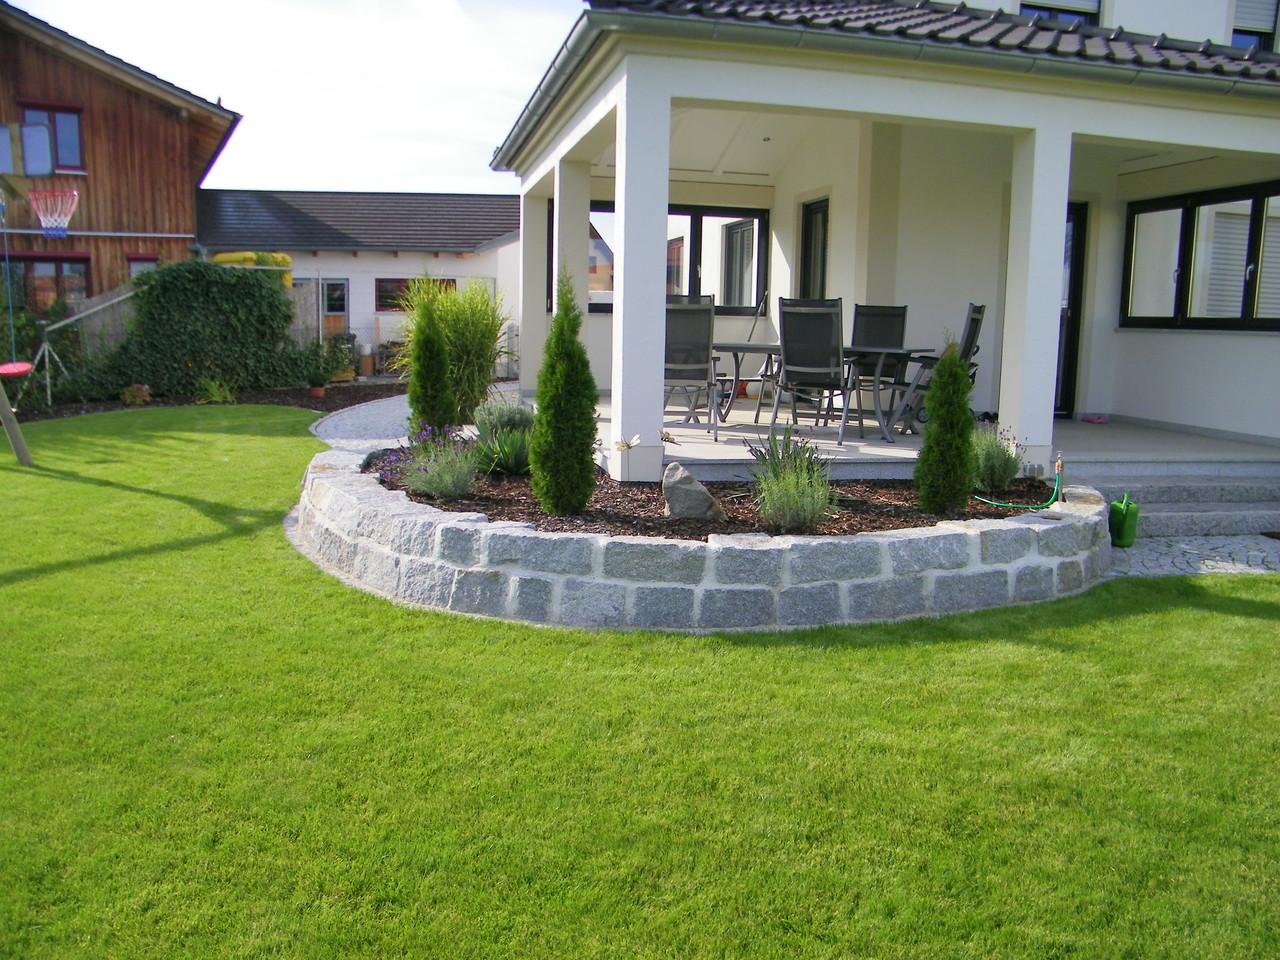 Grün|Werk Terrassen - GrünWerk Gartengestaltung Martin Laimer